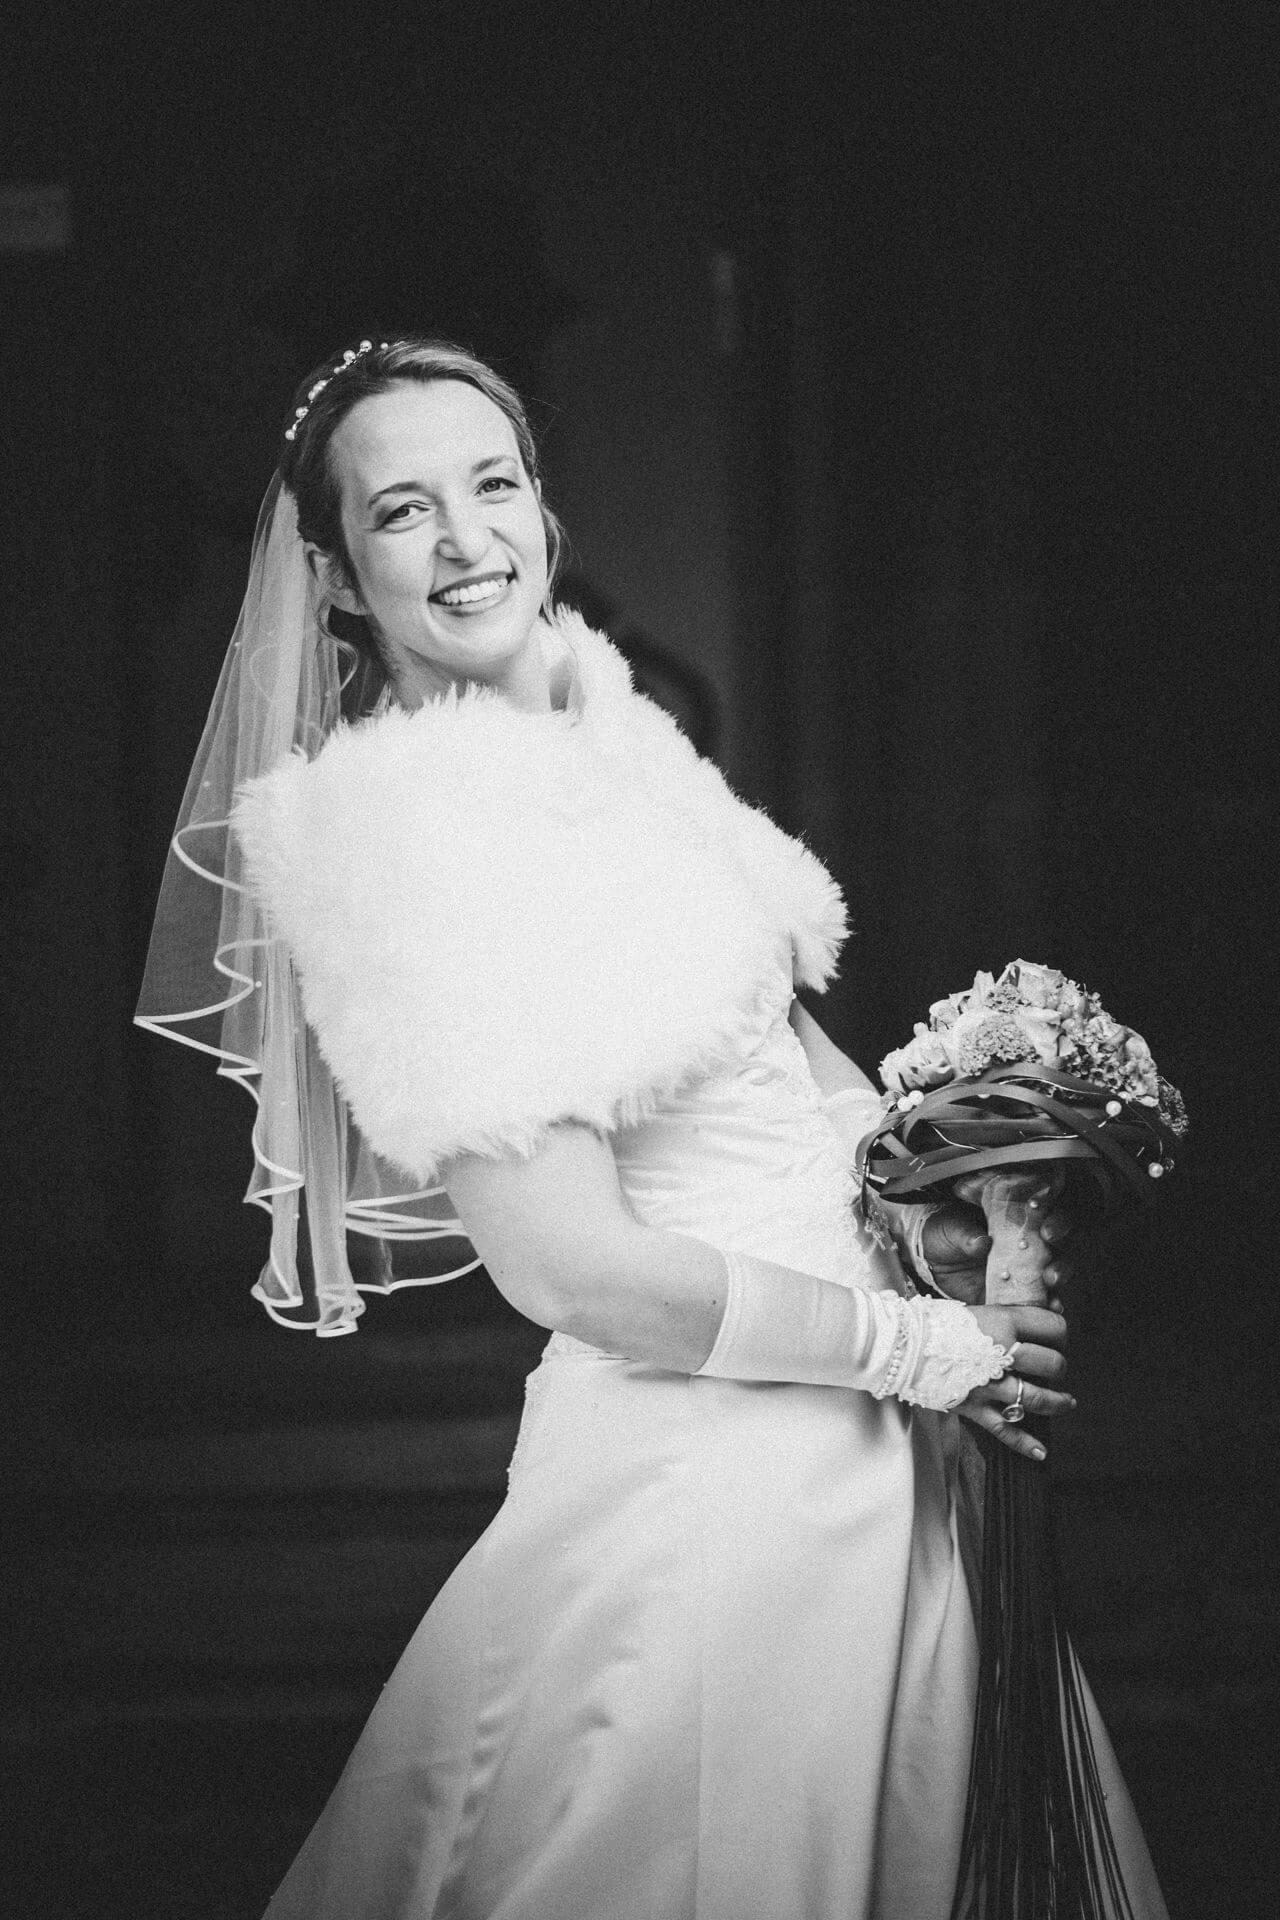 Hochzeitsfotograf Hofgut Friedelhausen - Hochzeitsfotos Schloss Friedelhausen - Kreative Hochzeitsfotografie